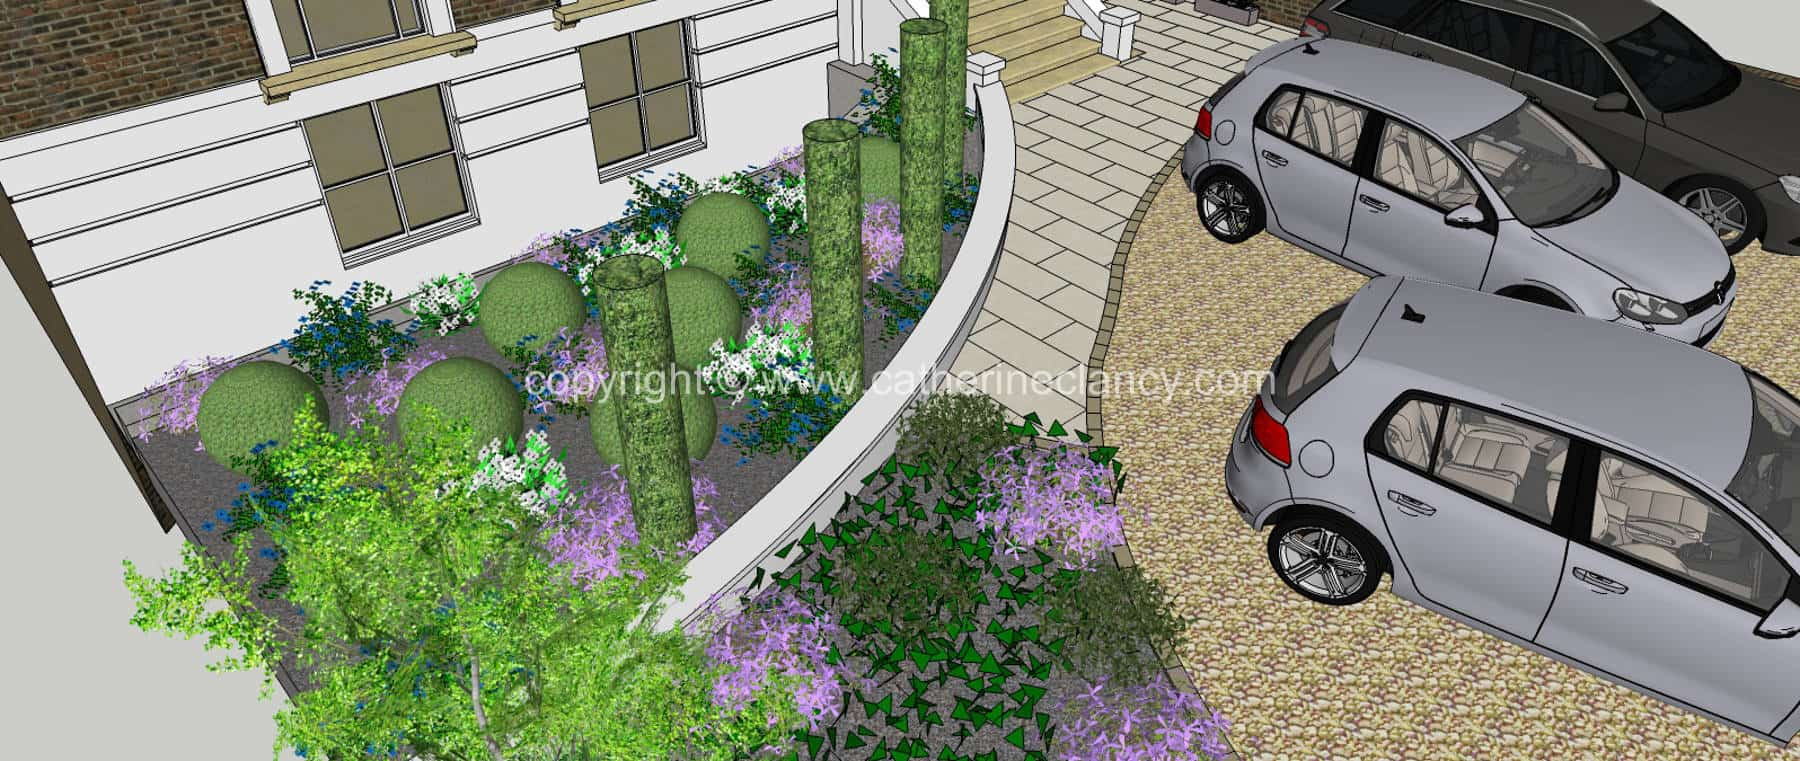 blackheath-front-garden-7